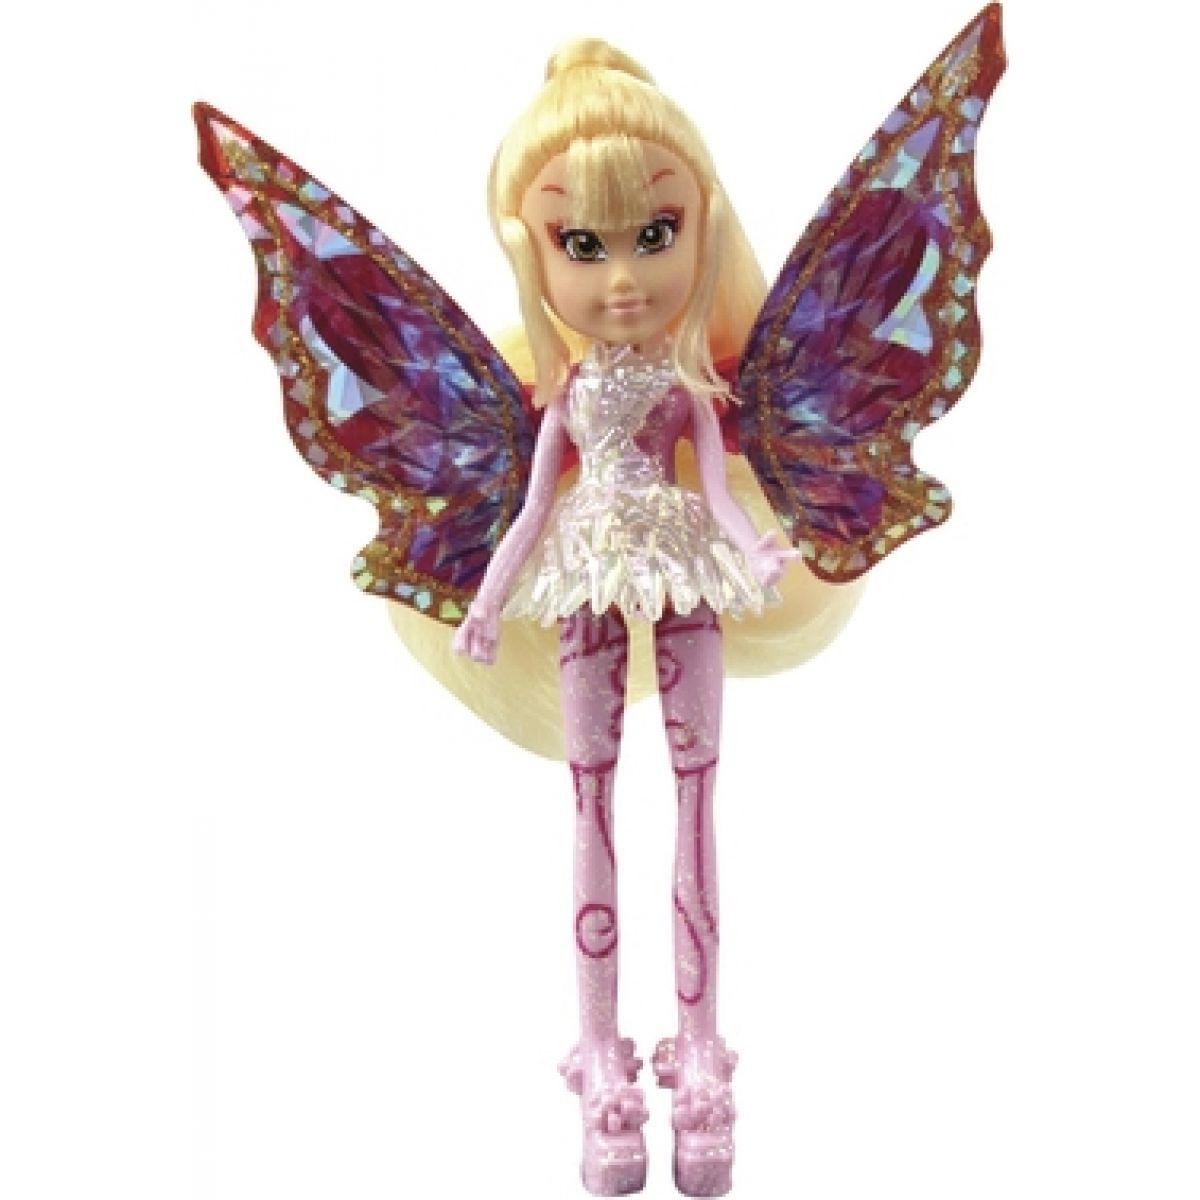 Winx Tynix Mini Dolls - Stella